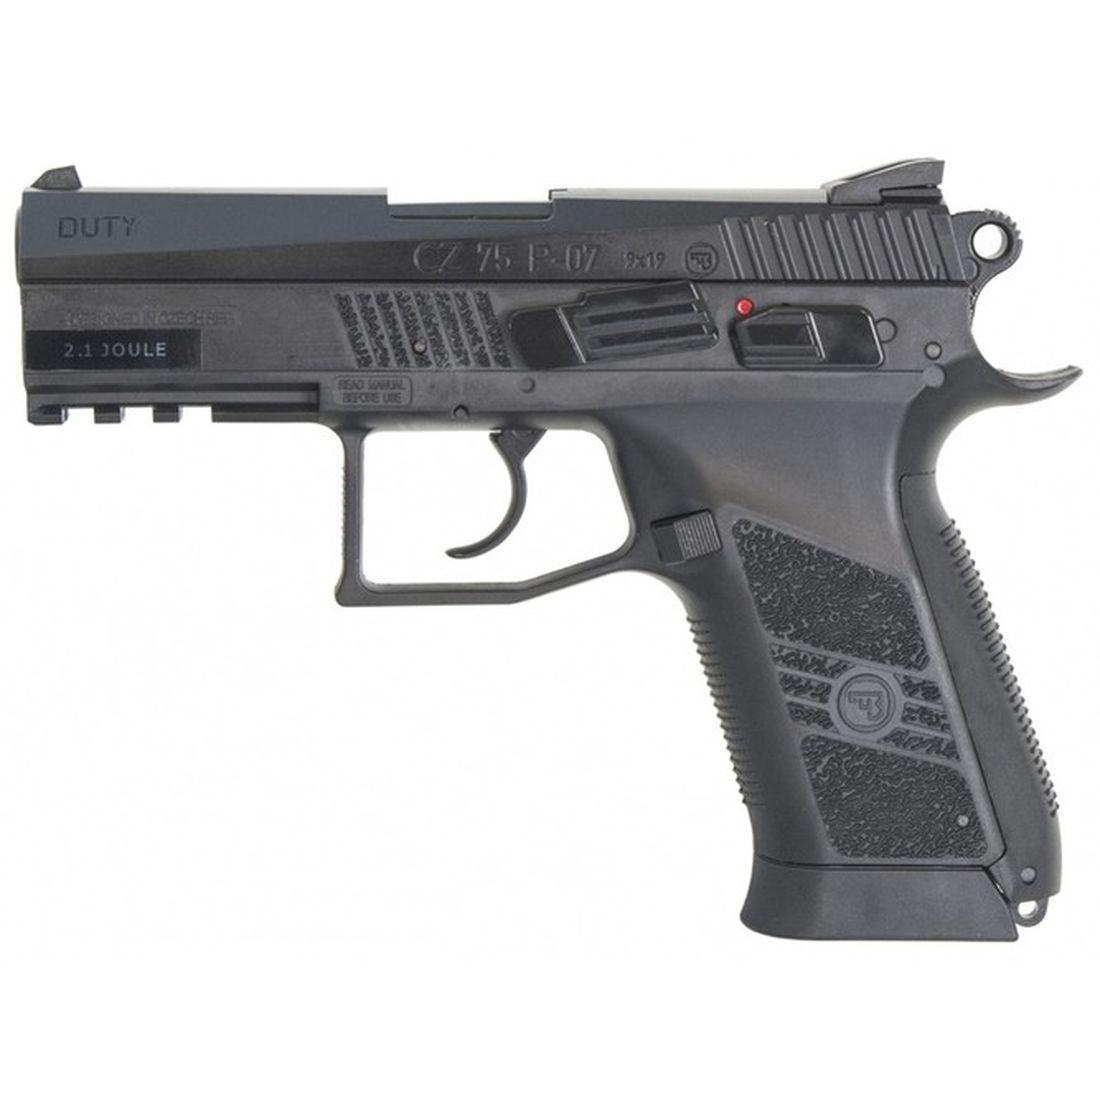 ASG Vzduchová pistole CZ-75 P-07 Duty